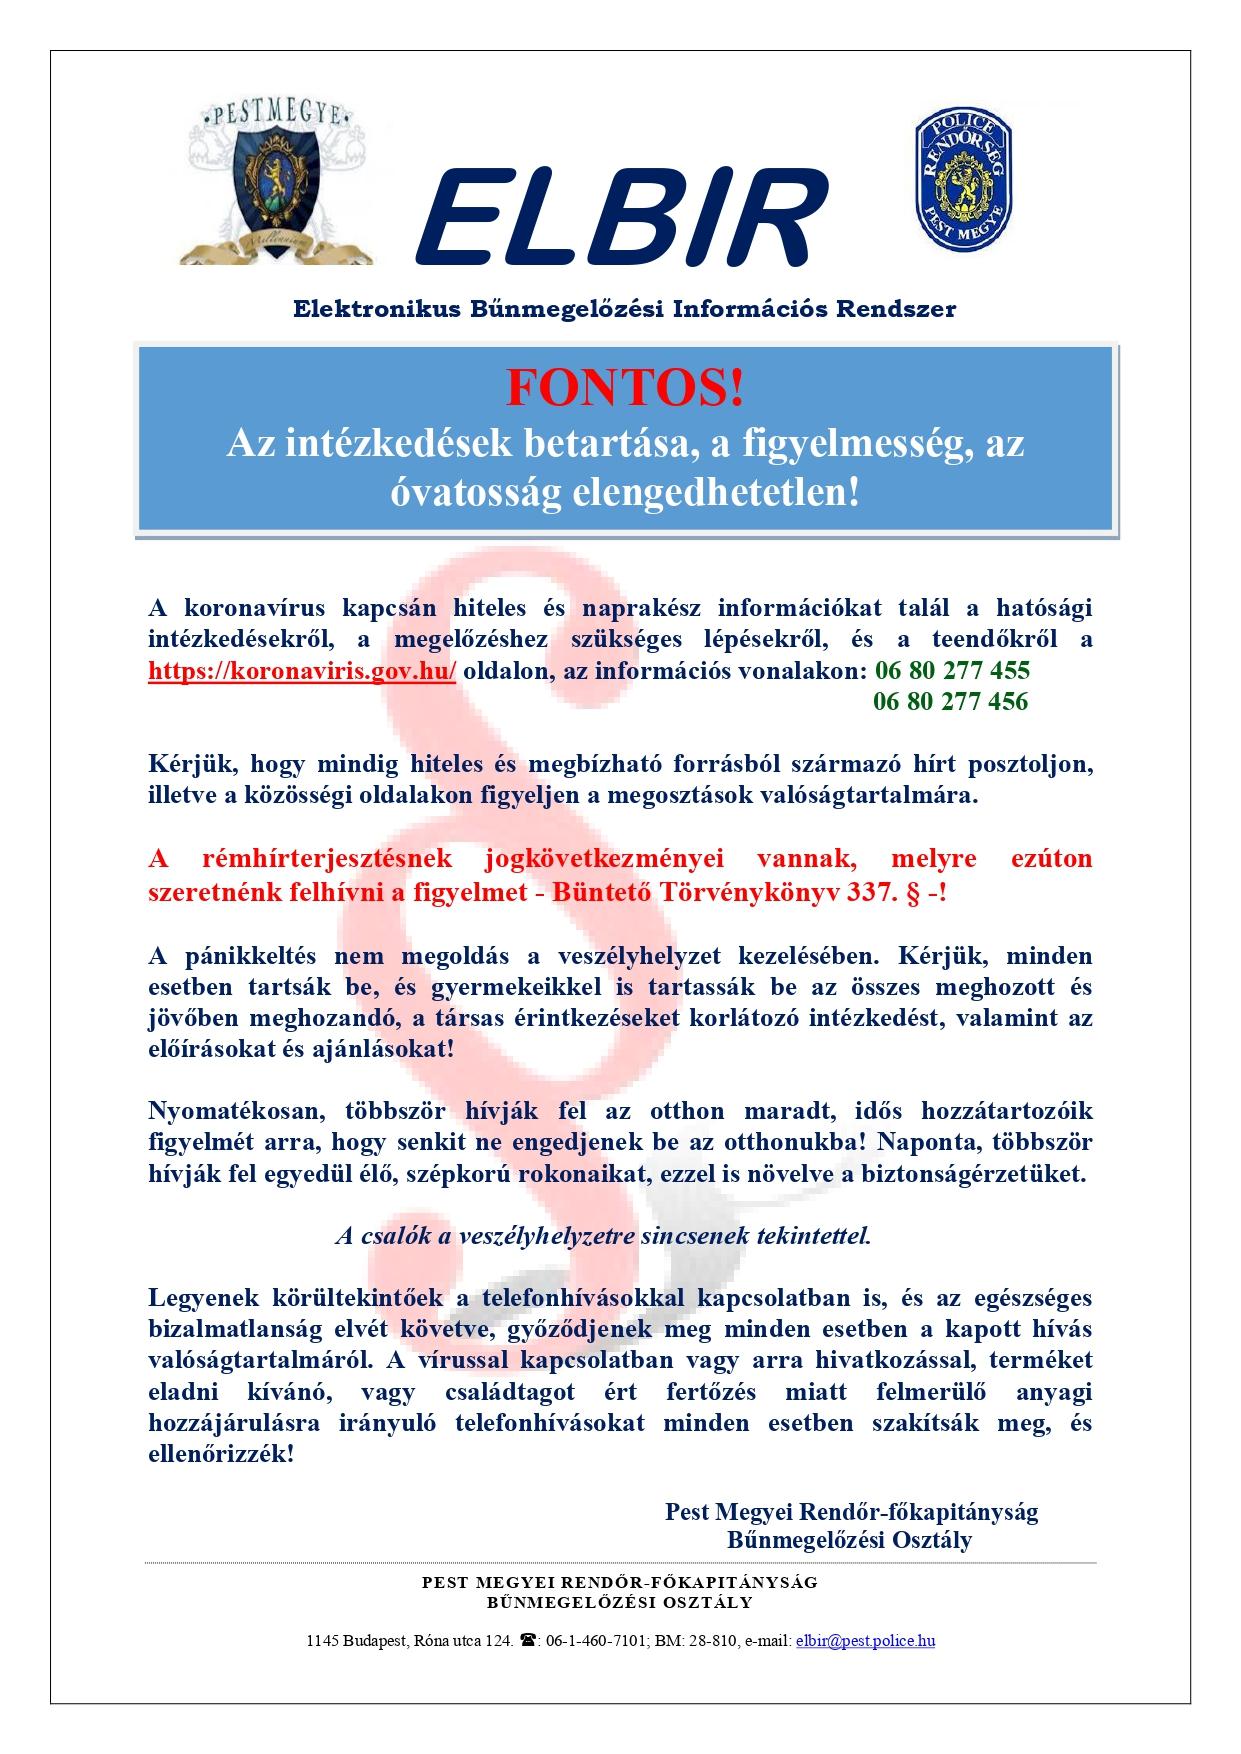 Szerződéskötési lehetőségek járványügyi korlátozások idejen - BLOG | RSM Hungary